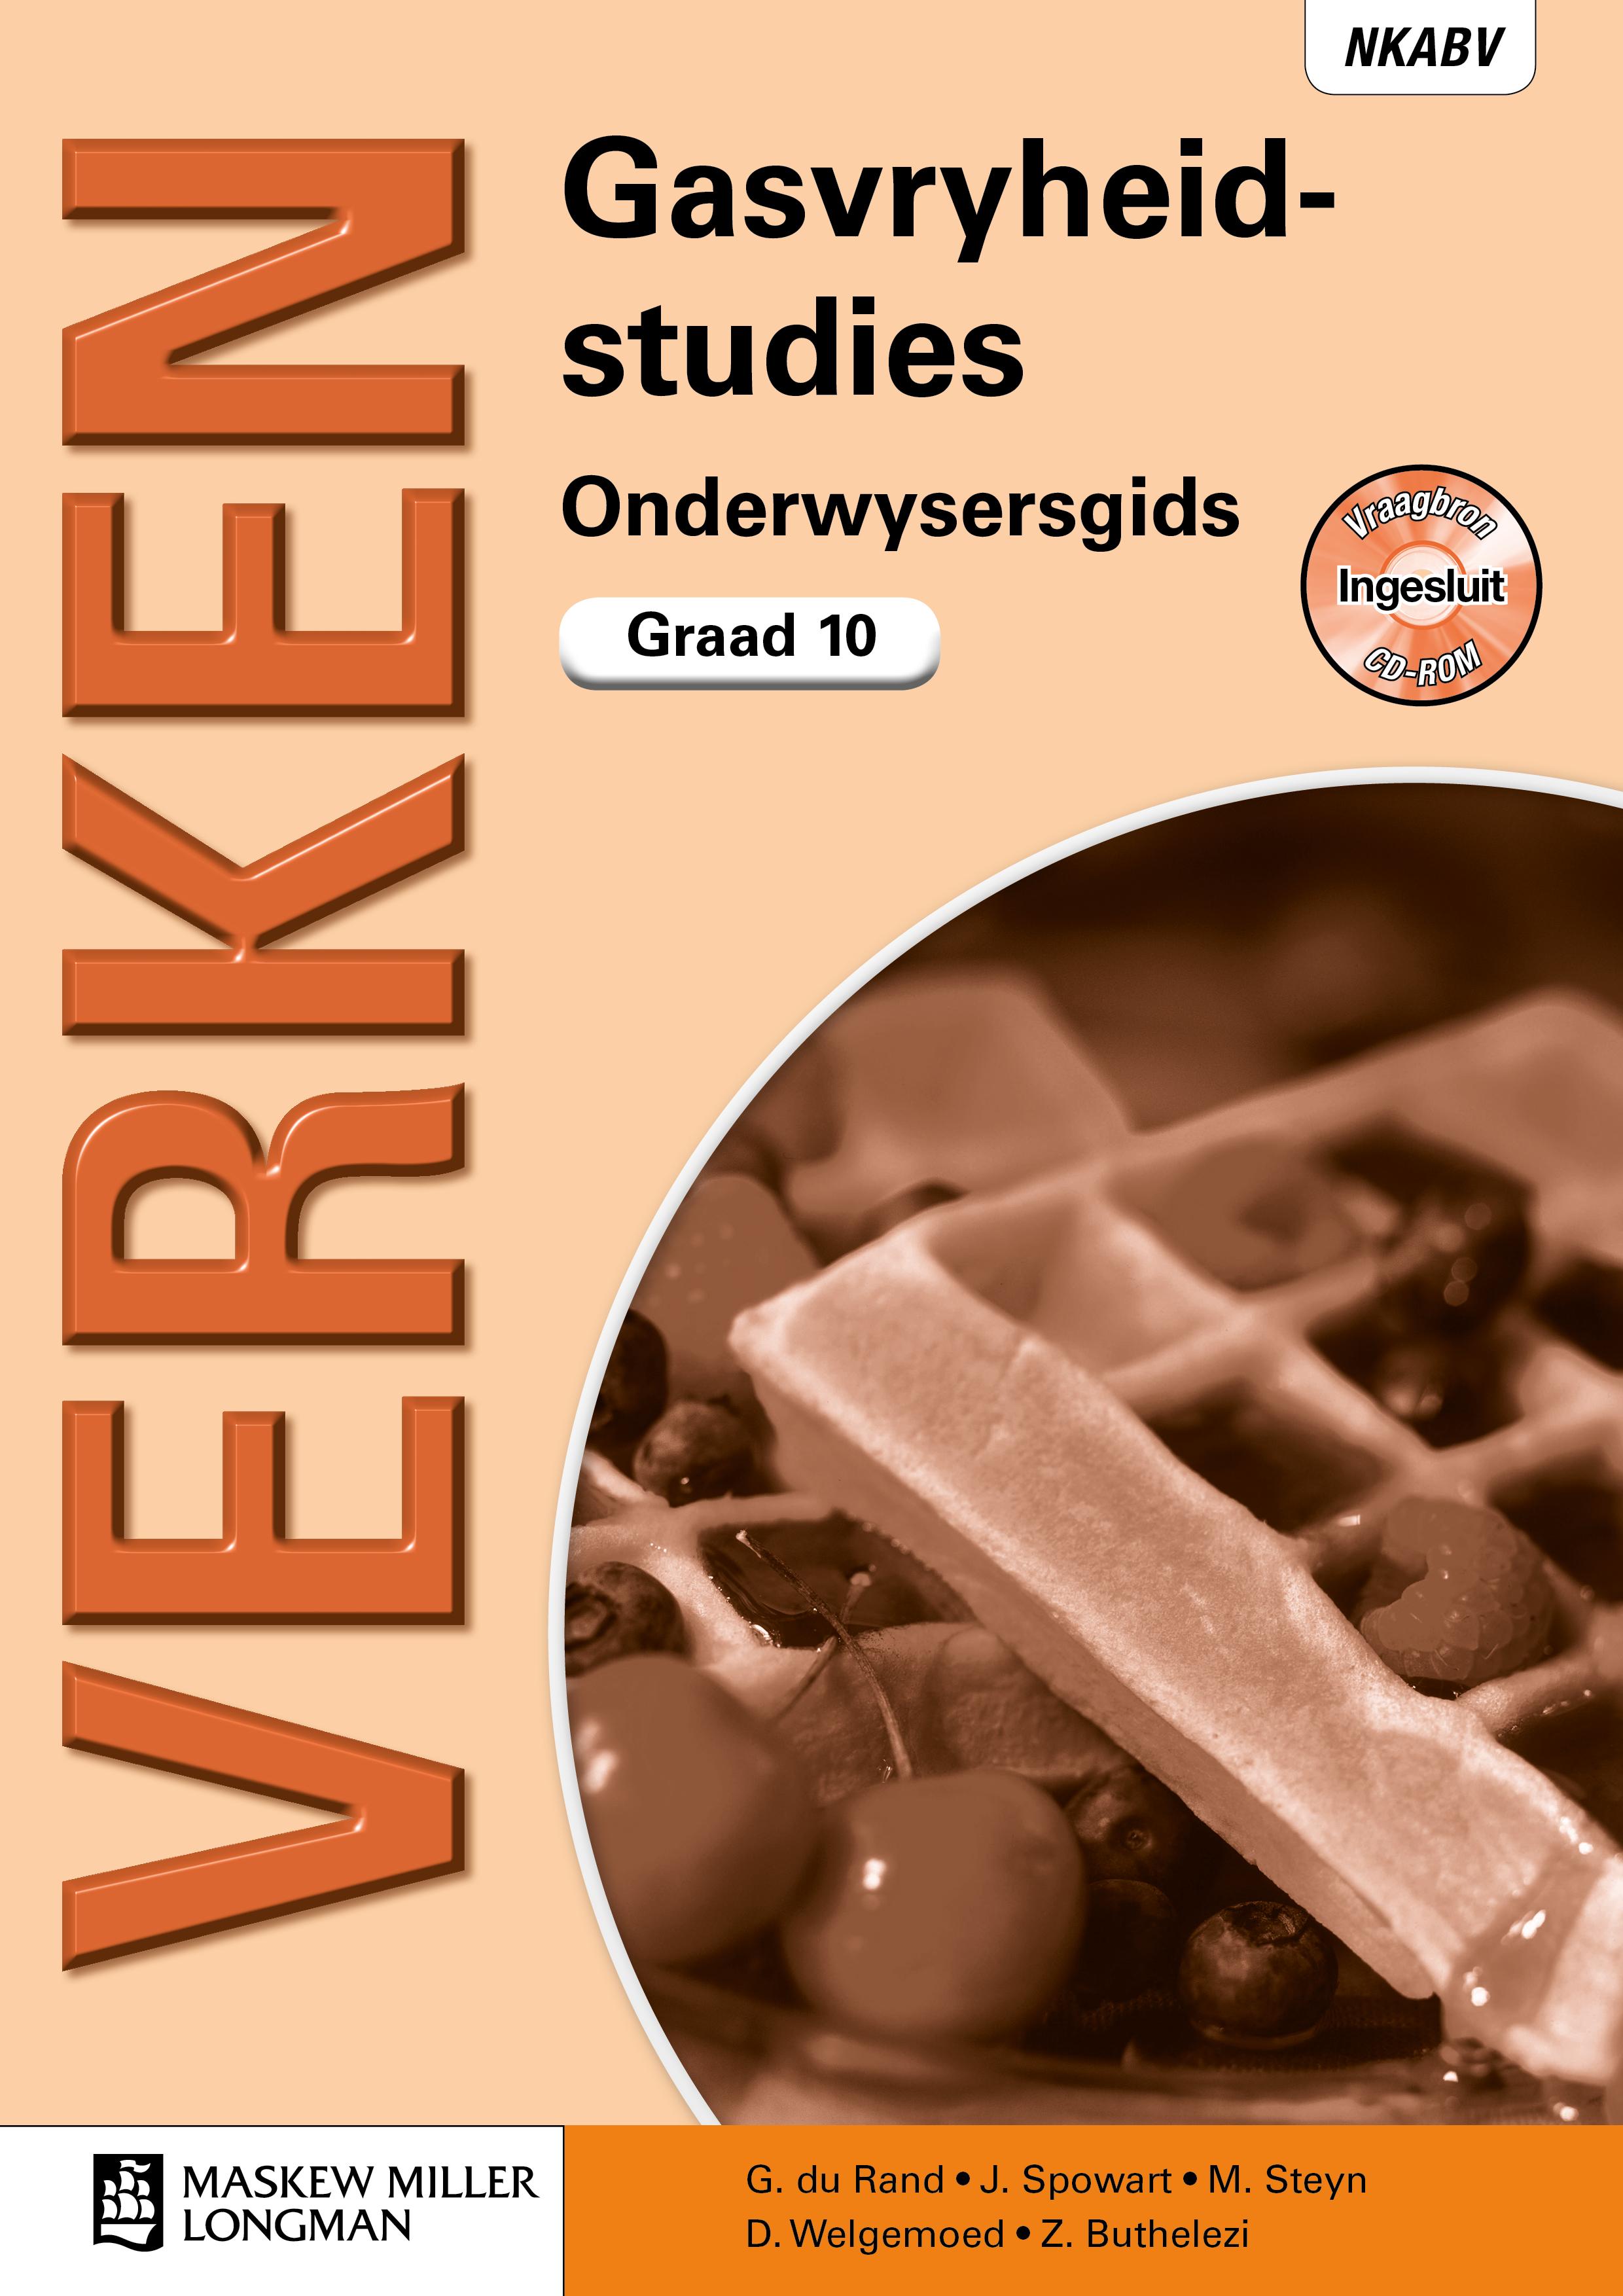 Picture of Verken Gasvryheidstudies: Verken gasvryheidstudies: Gr 10: Onderwysersgids Gr 10: Onderwysersgids